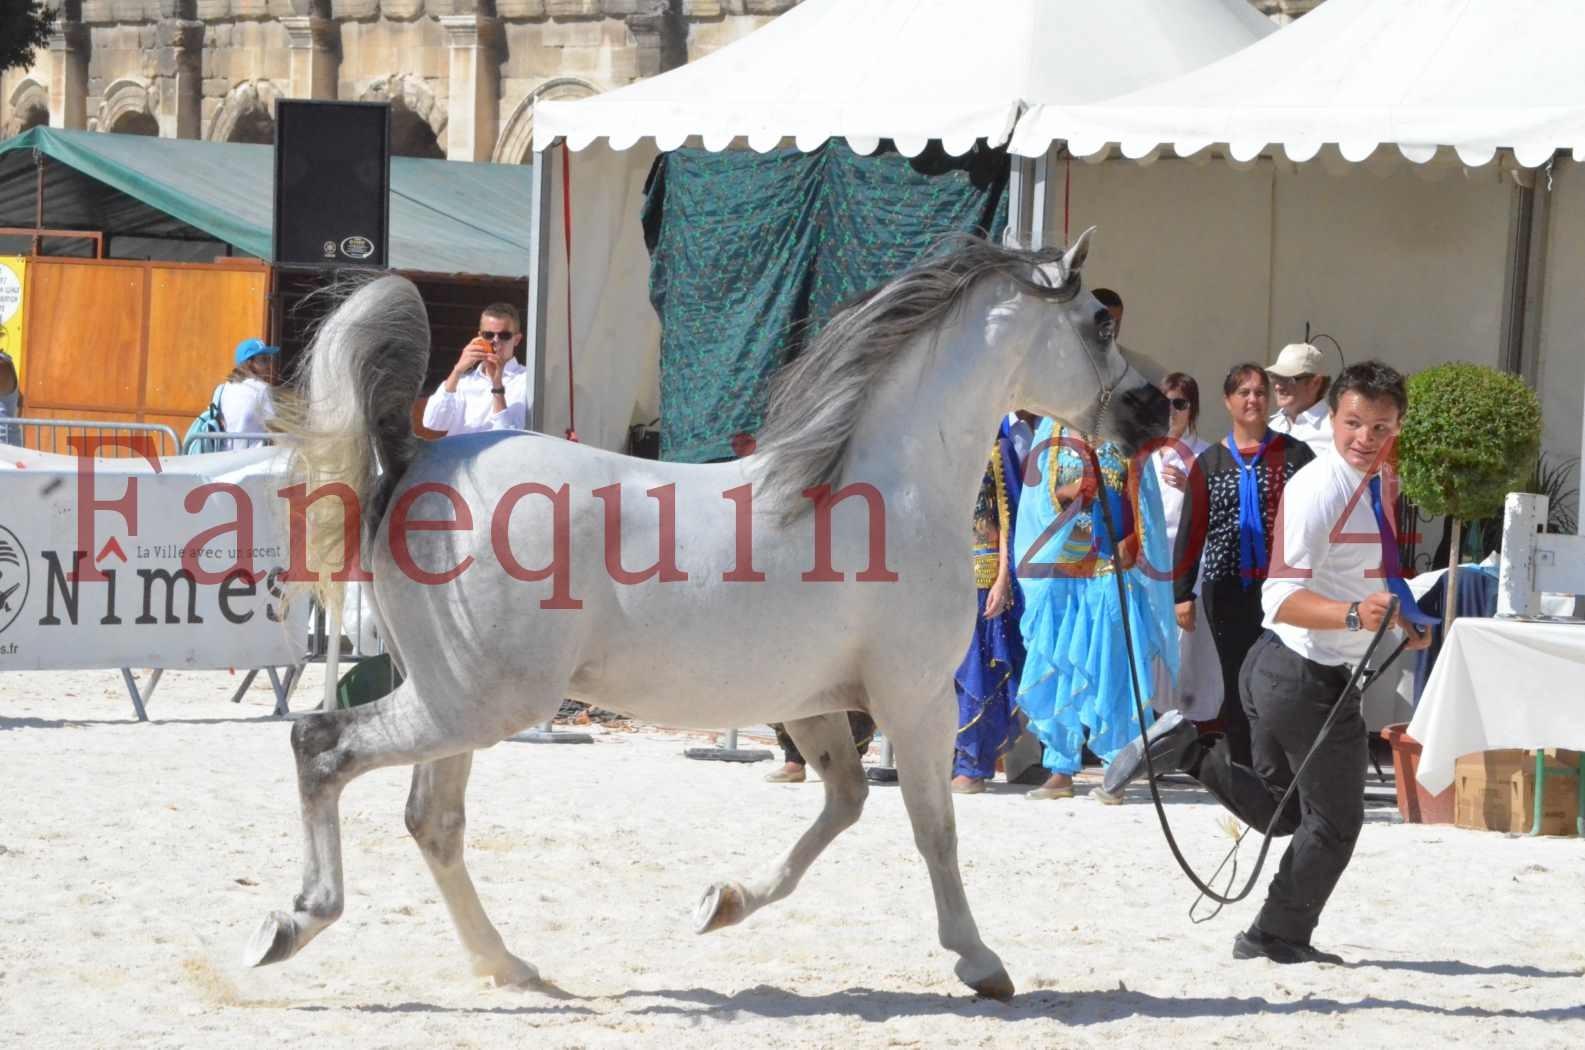 Concours National de Nîmes de chevaux ARABES 2014 - Sélection - SHAOLIN DE NEDJAIA - 62